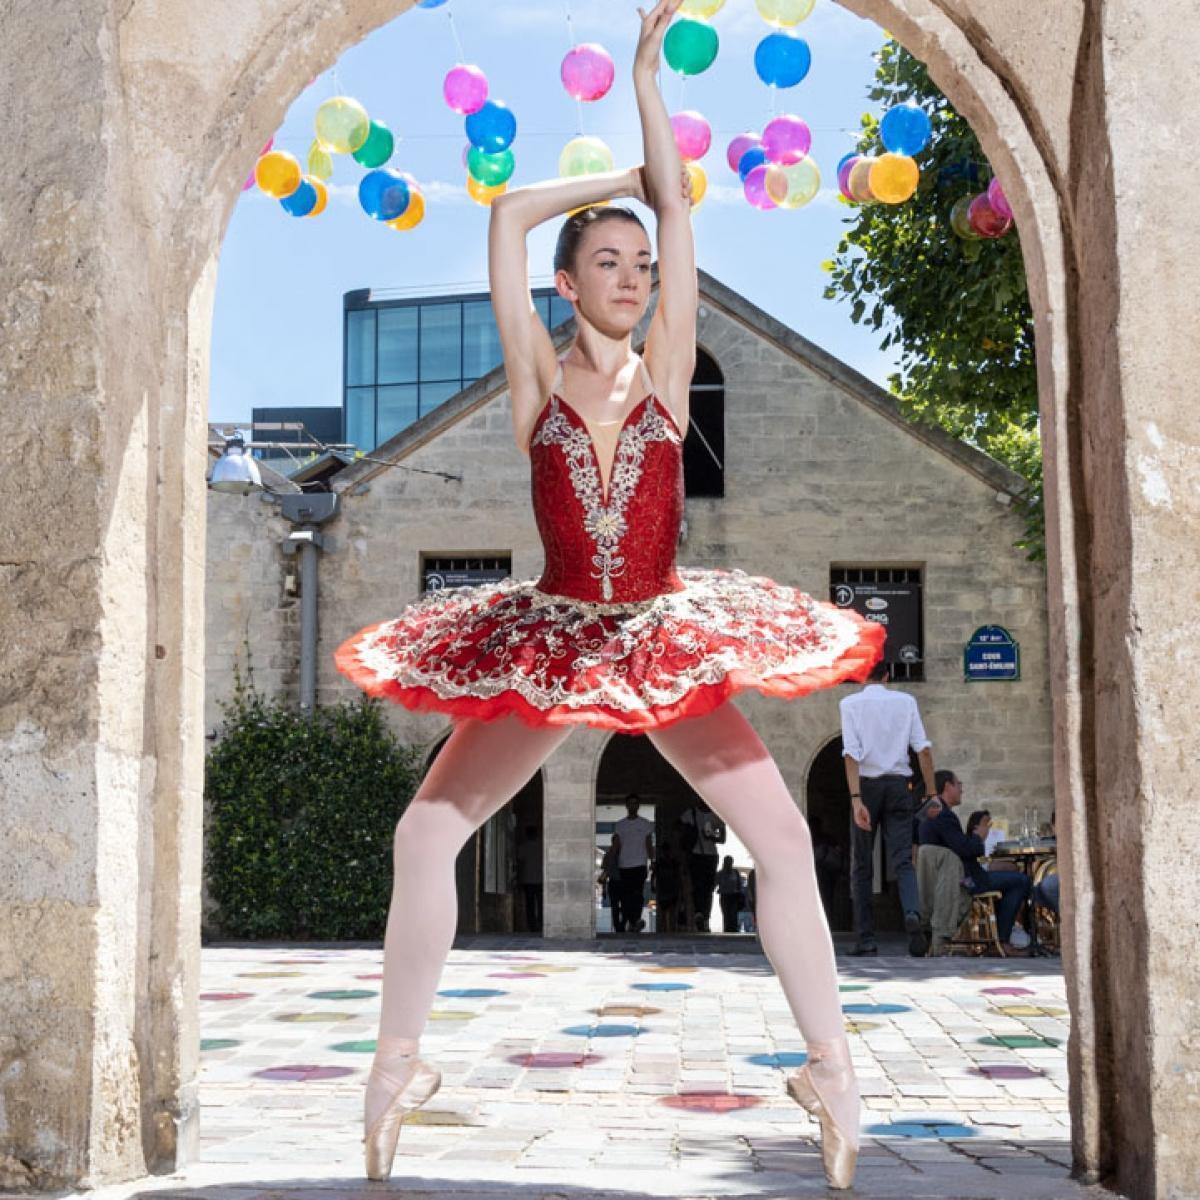 la danseuse exceptionnelle de ballet CYRIELLE JOST pendant notre deplacement dans les rue de BERCY VILLAGE Paris on a découvert des endroit manifique et chaleureux Crédit photo: © MARWAN MOUSSA / 2019 , مروان موسى, مصور